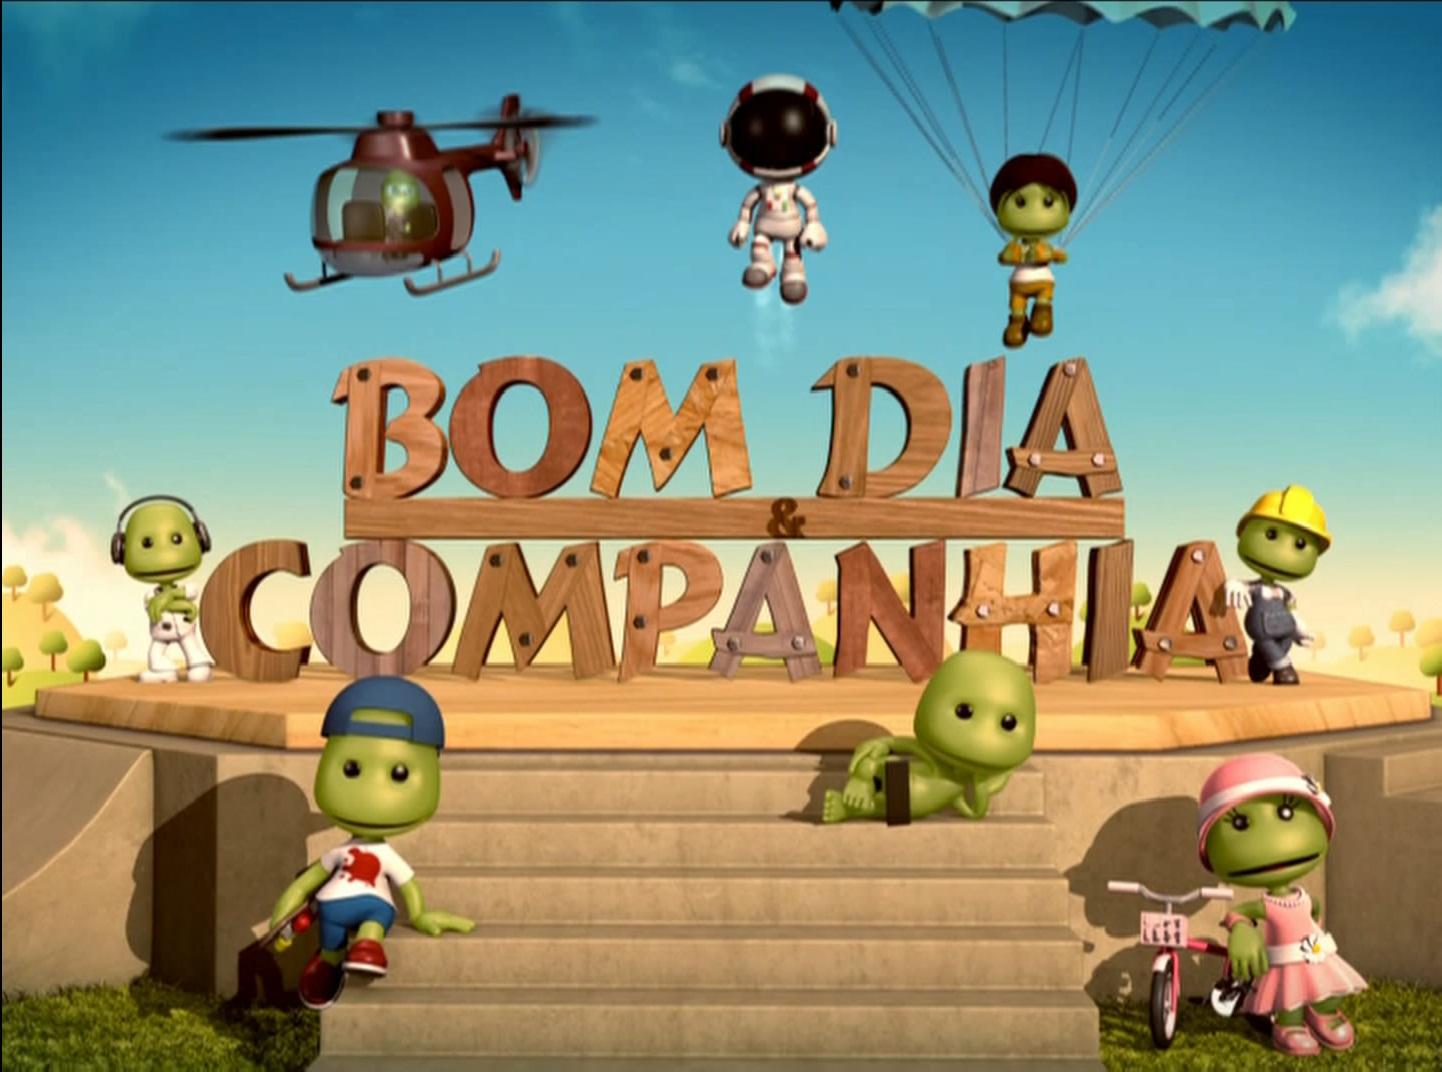 Alegre Bom Dia: Logopedia, The Logo And Branding Site